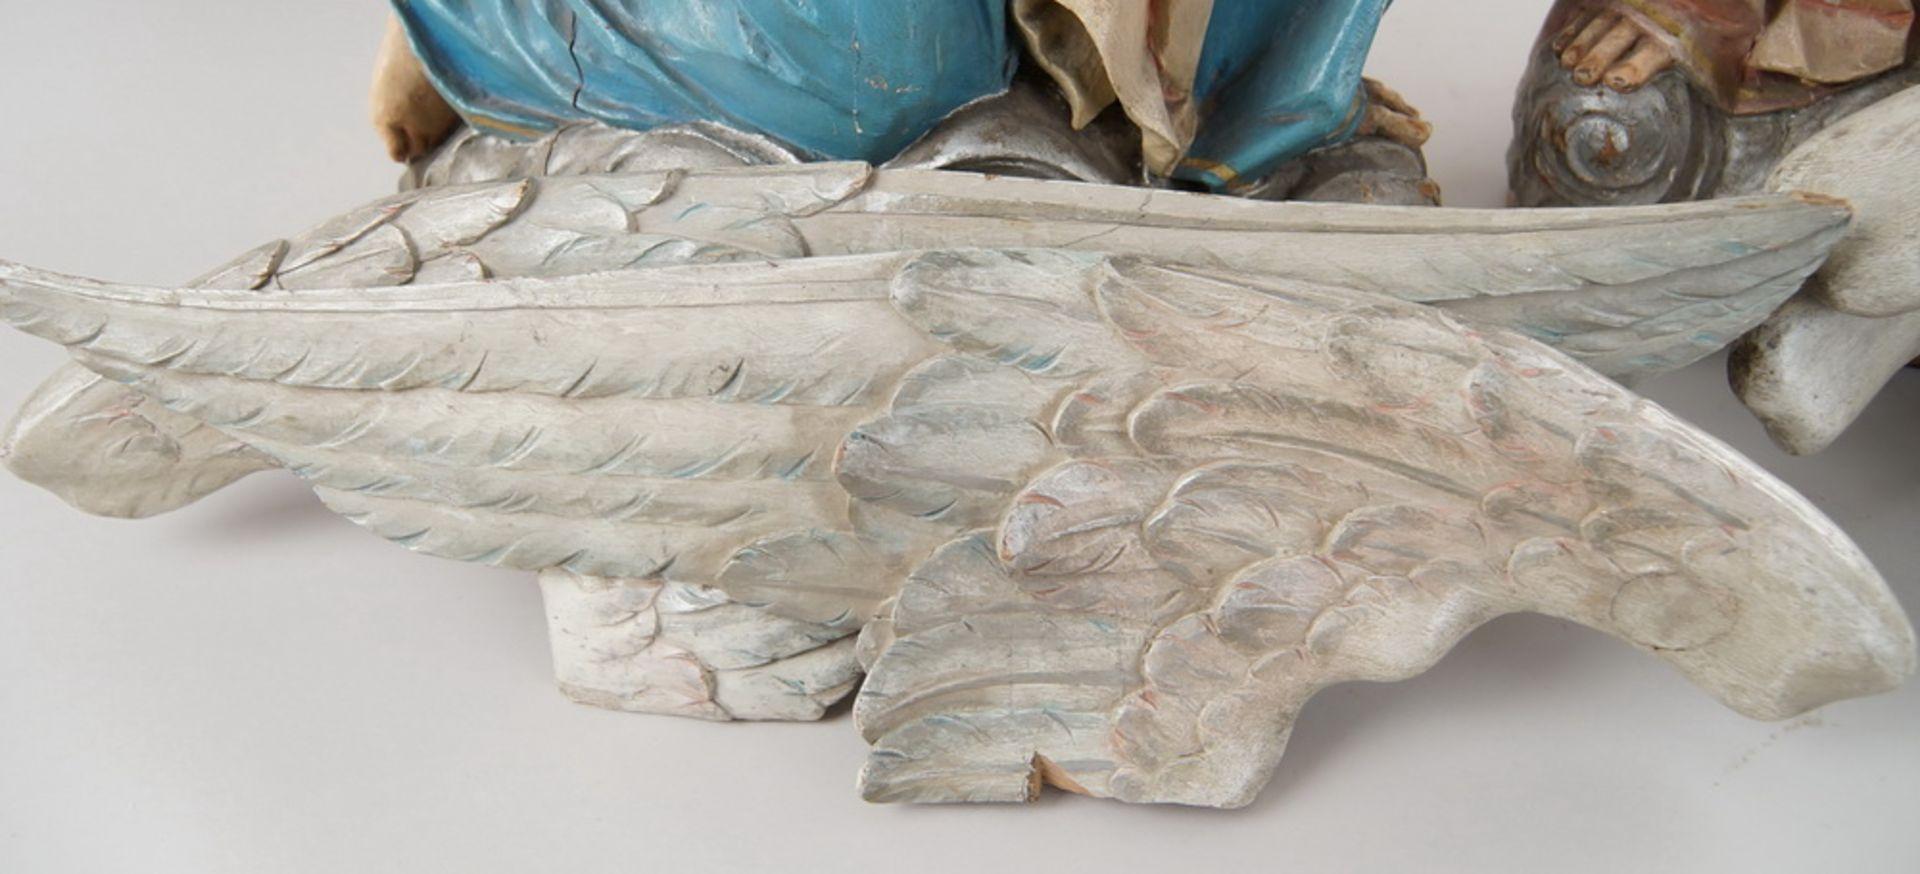 Zwei kniende Engel mit Flügel, 18. JH, Holz geschnitzt und gefasst, rest.-bed., H je 73cm - Bild 8 aus 15